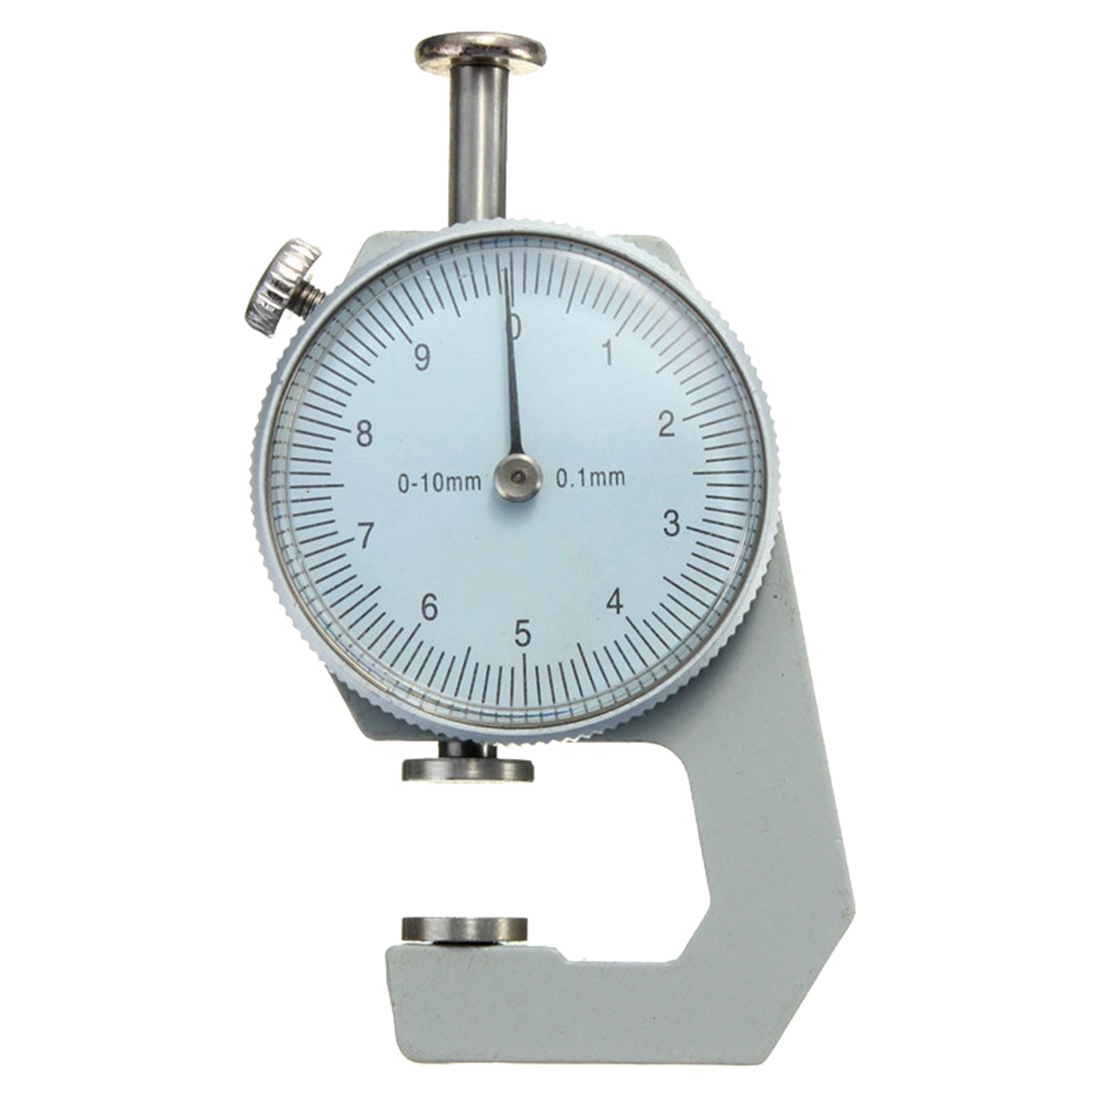 0-10 mm vastagságmérő teszter bőr kézműves bőrműves - Mérőműszerek - Fénykép 1